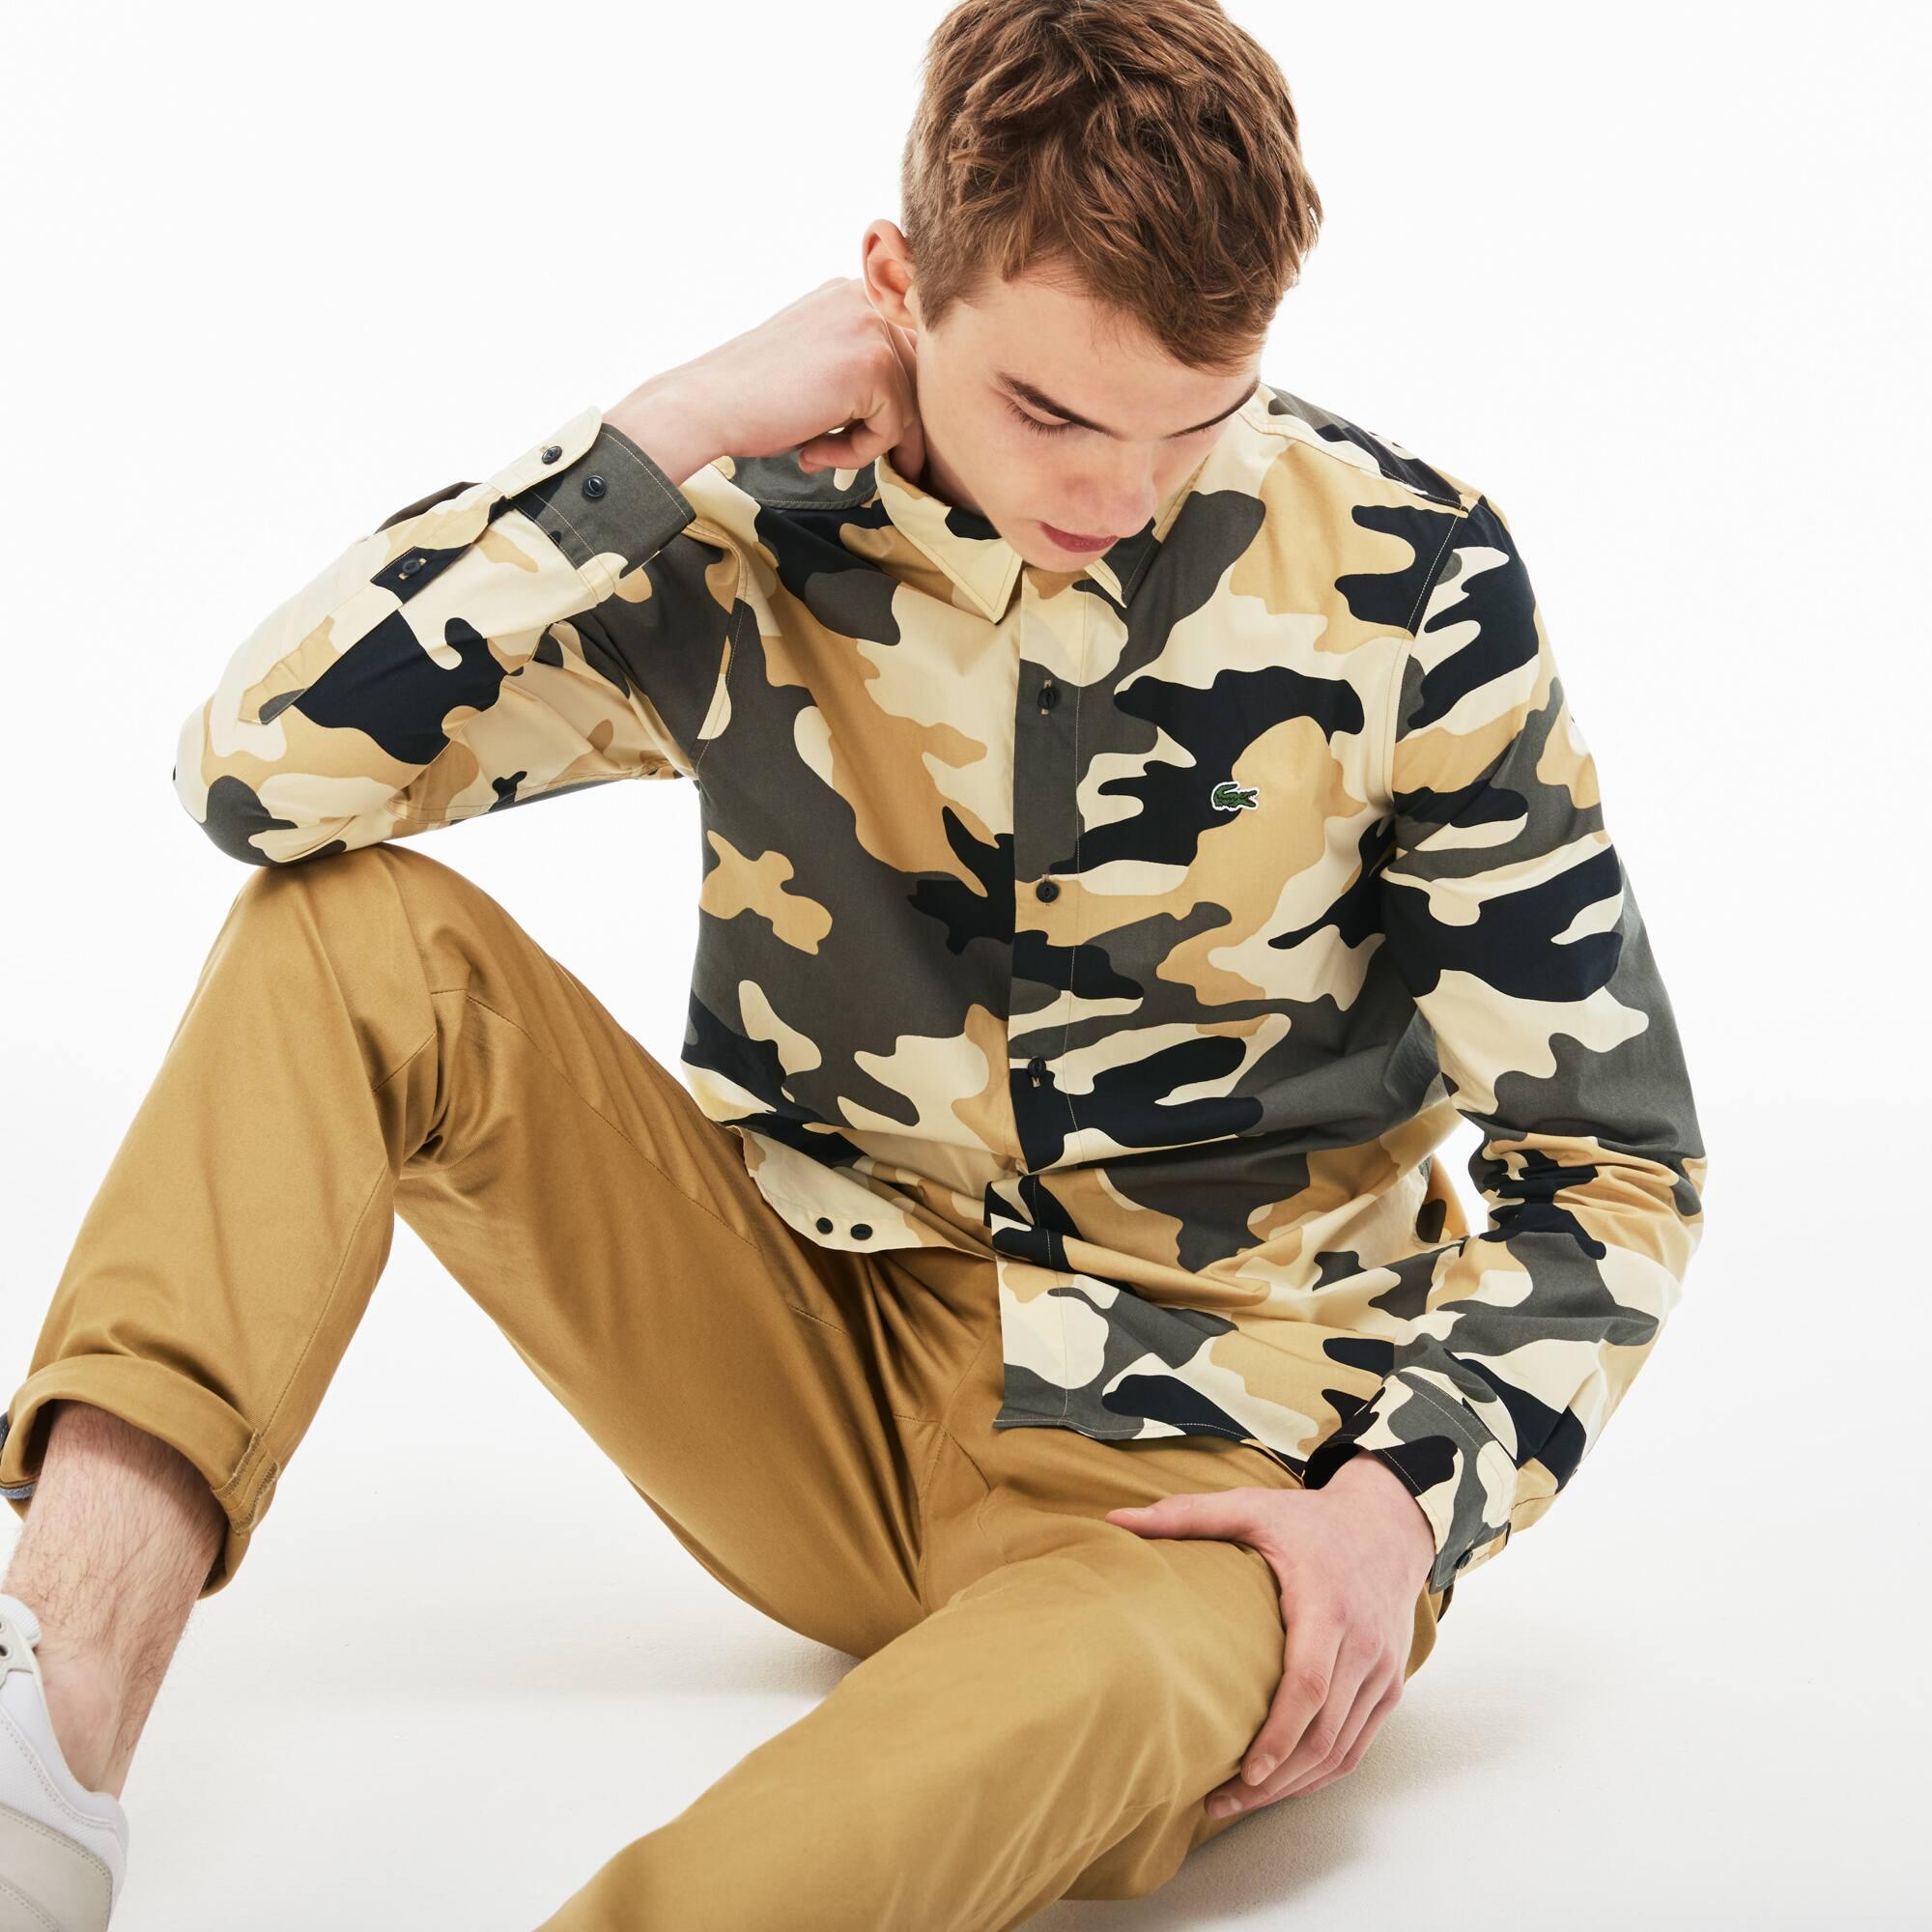 Camicia Skinny fit Lacoste LIVE in popeline con stampa mimetica